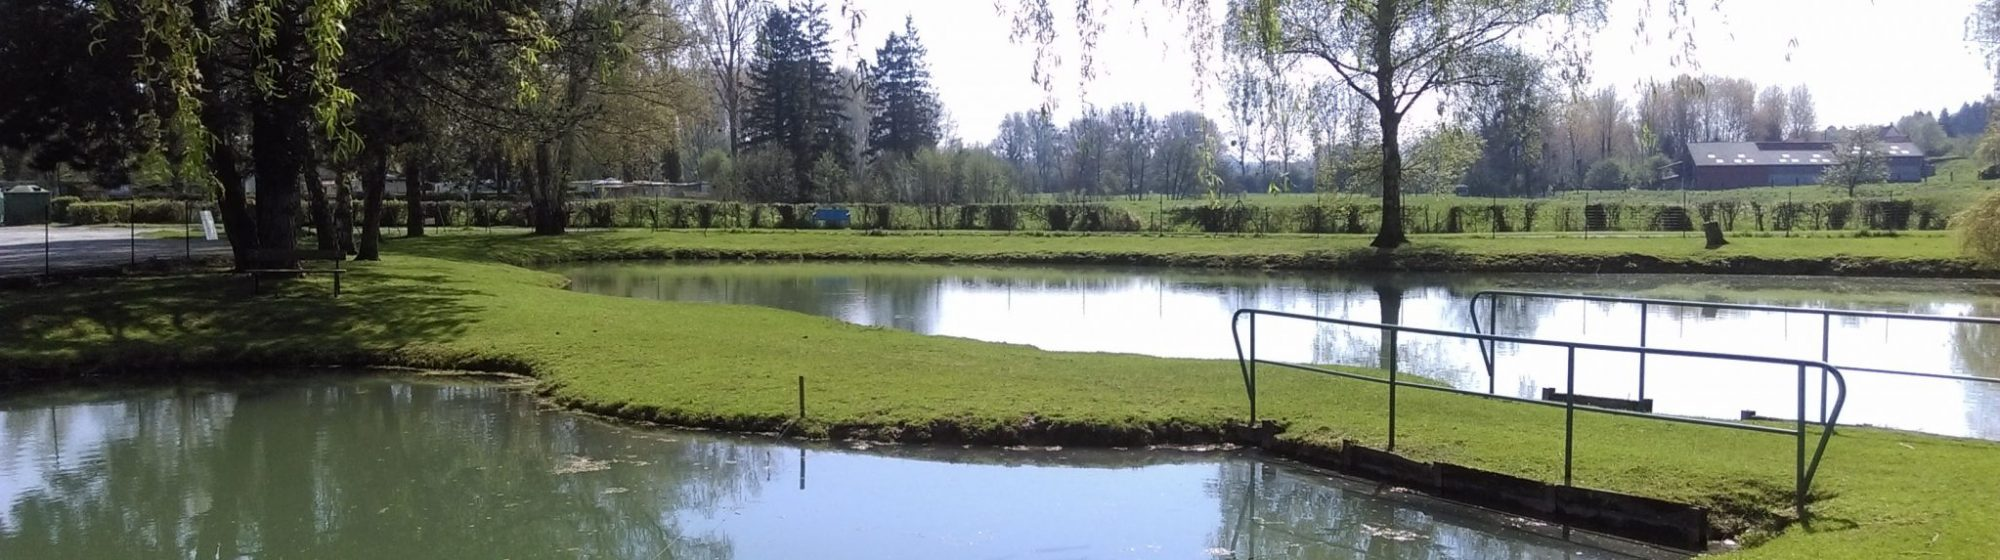 Camping Pas de Calais avec étang